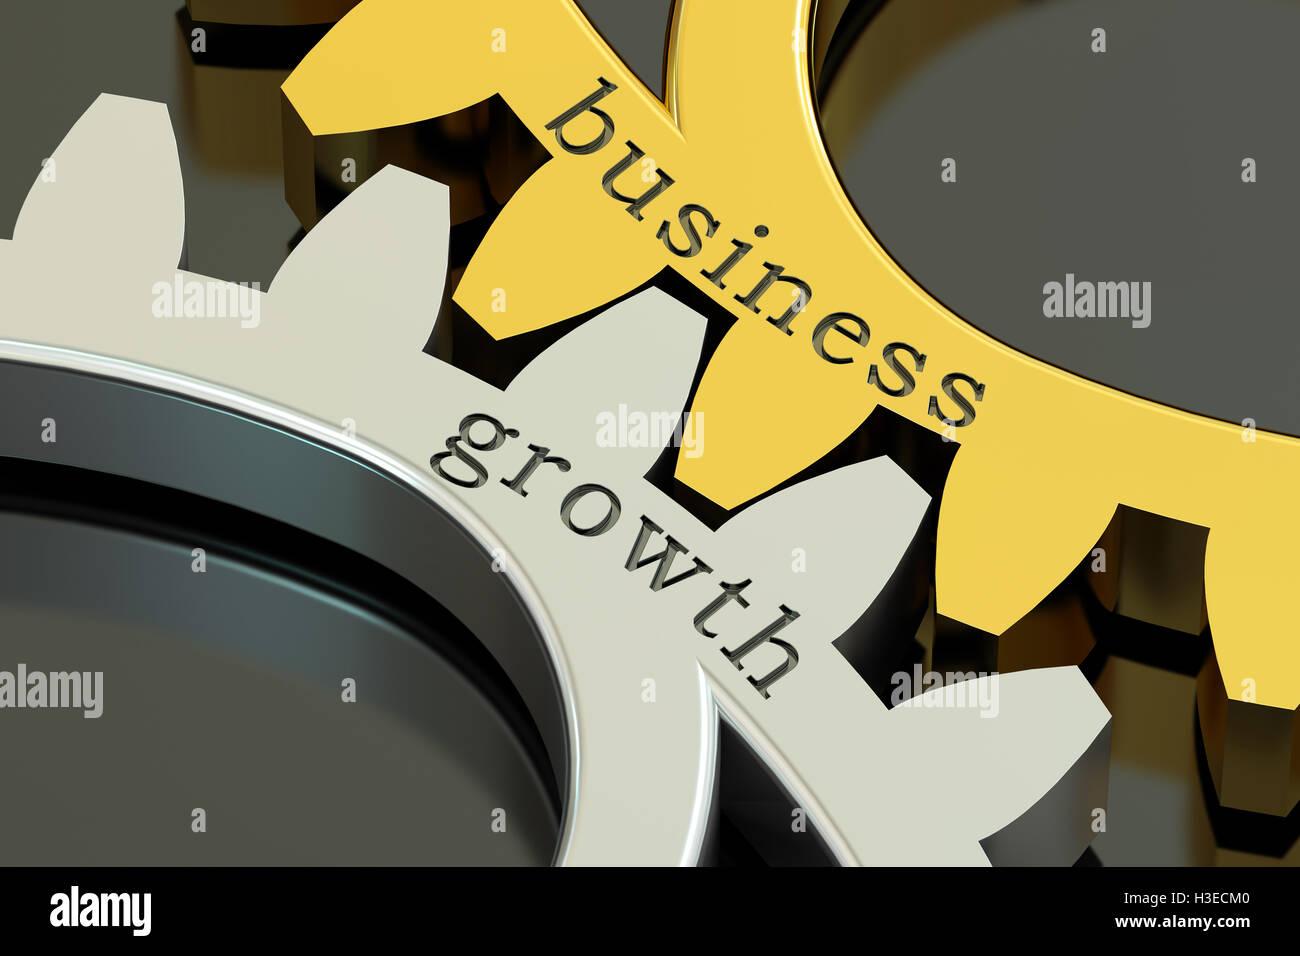 La croissance de l'entreprise concept sur les roues dentées, 3D Rendering Photo Stock